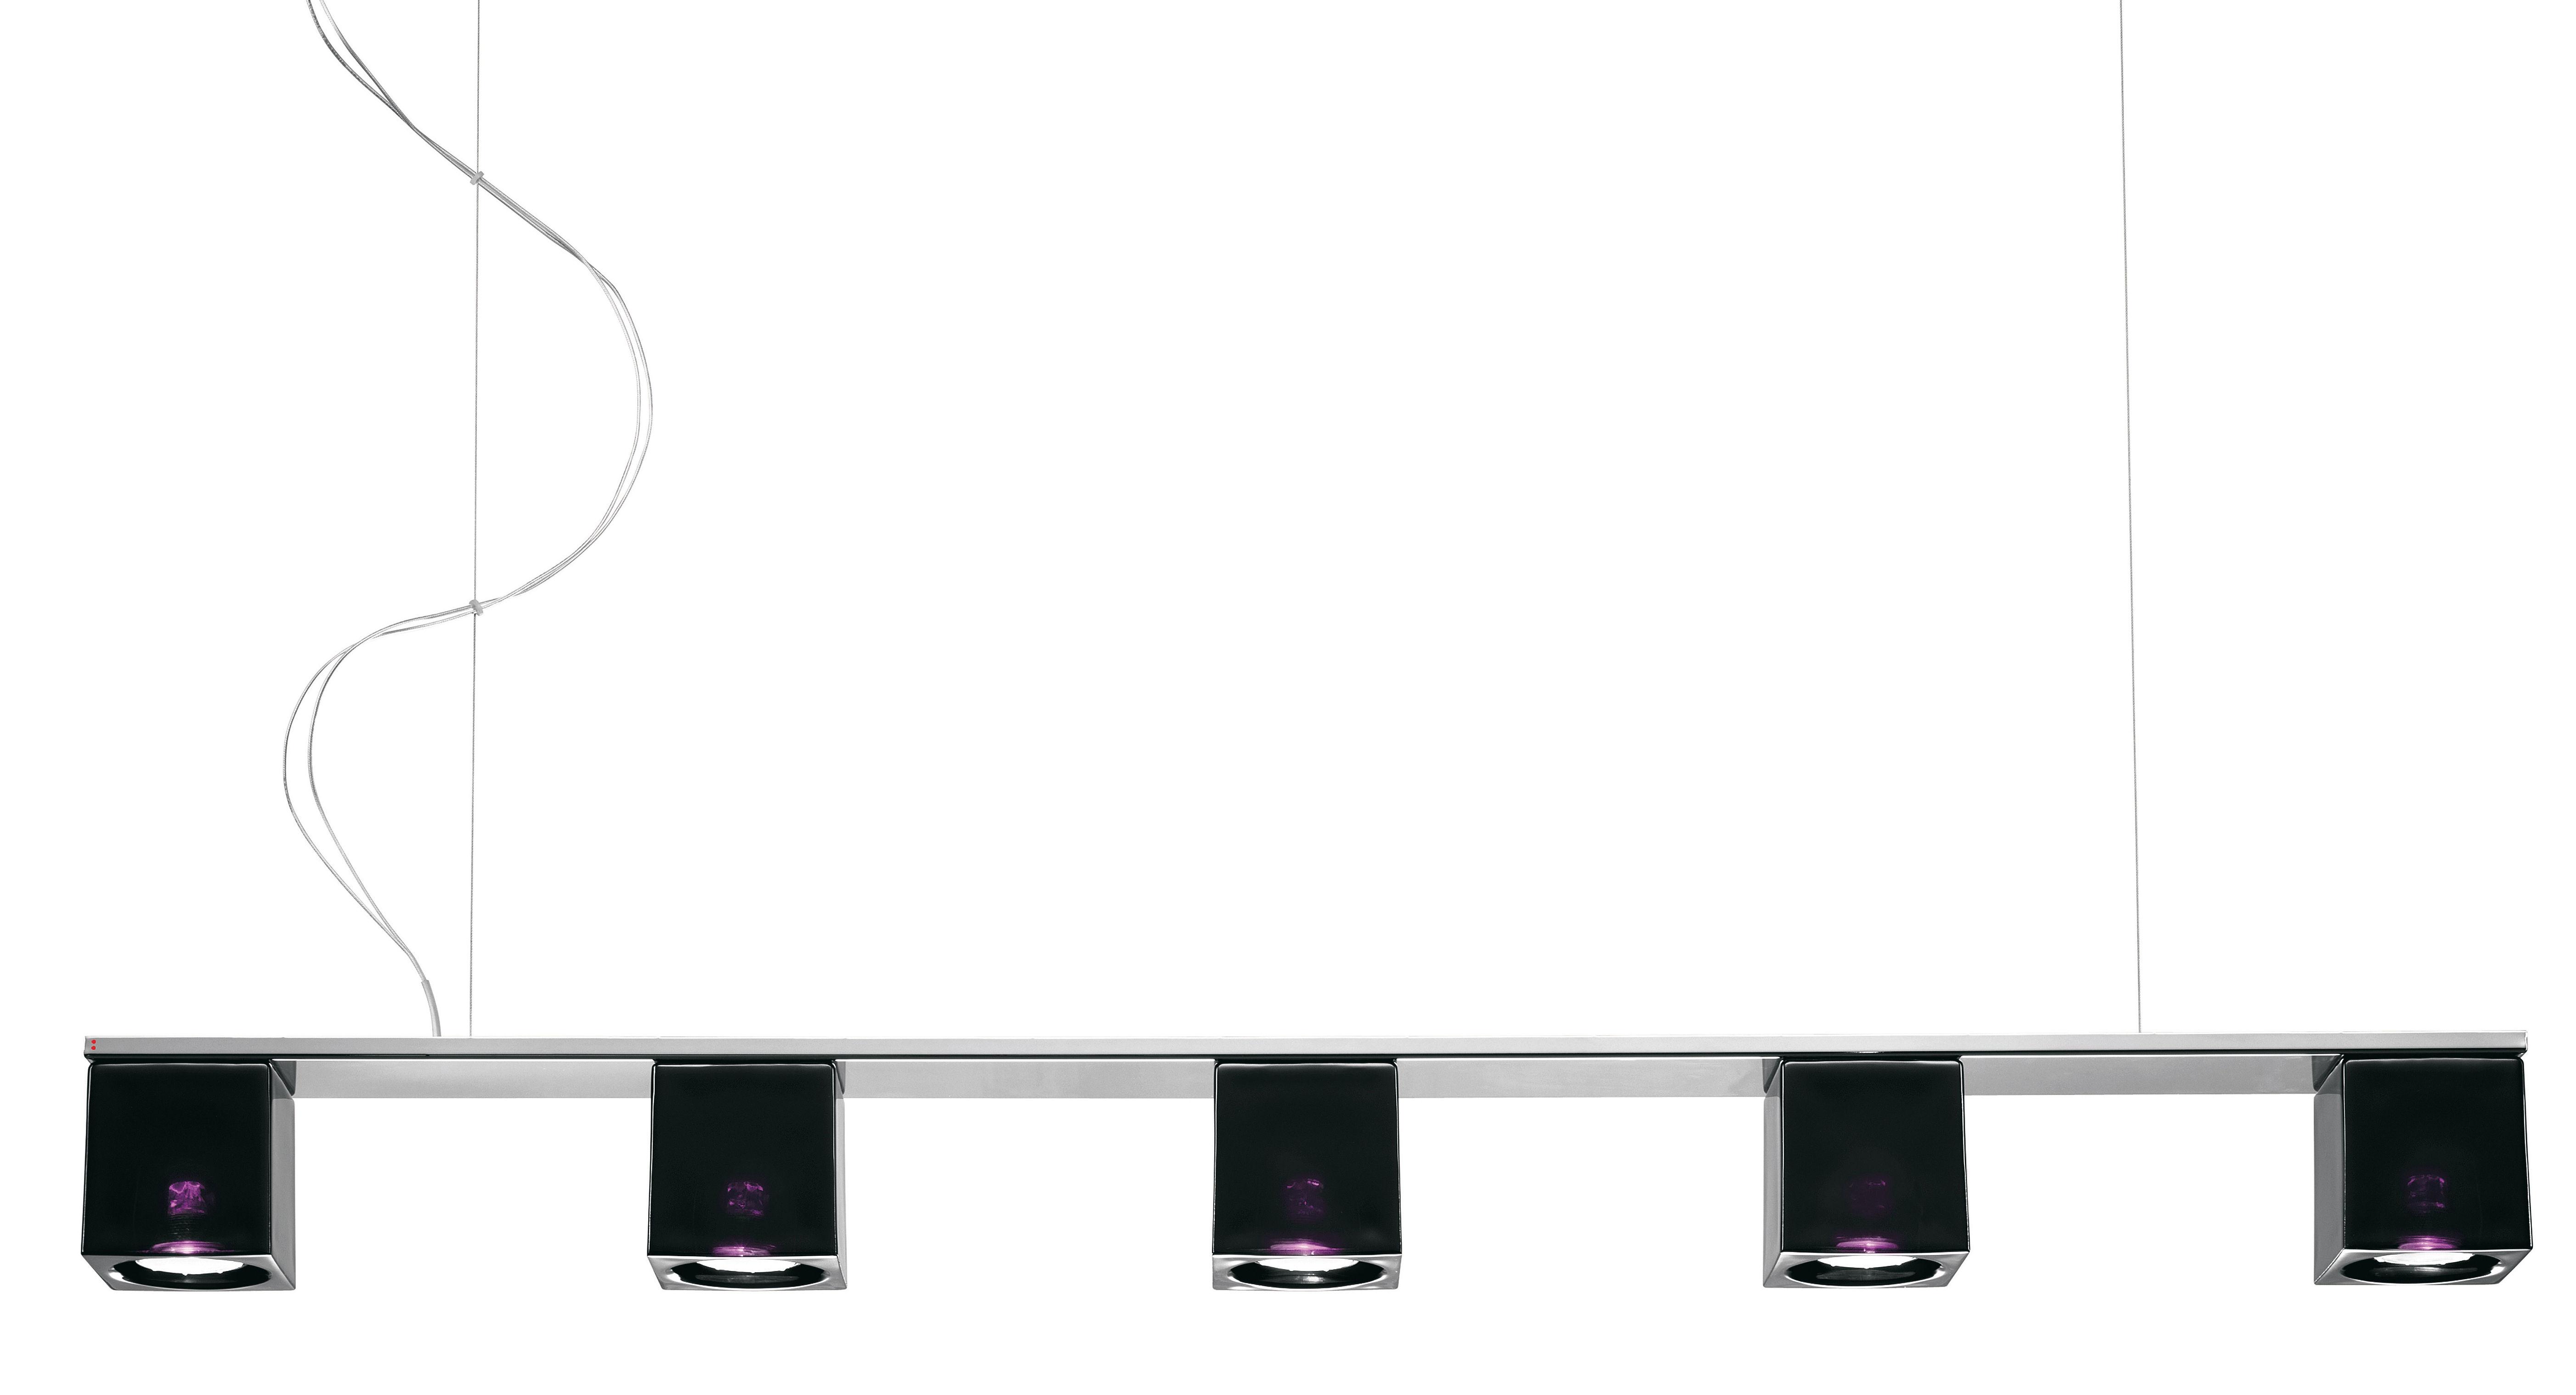 Illuminazione - Lampadari - Sospensione Cubetto - Black Glass - 5 elementi di Fabbian - Nero / viola - Metallo cromato, Vetro